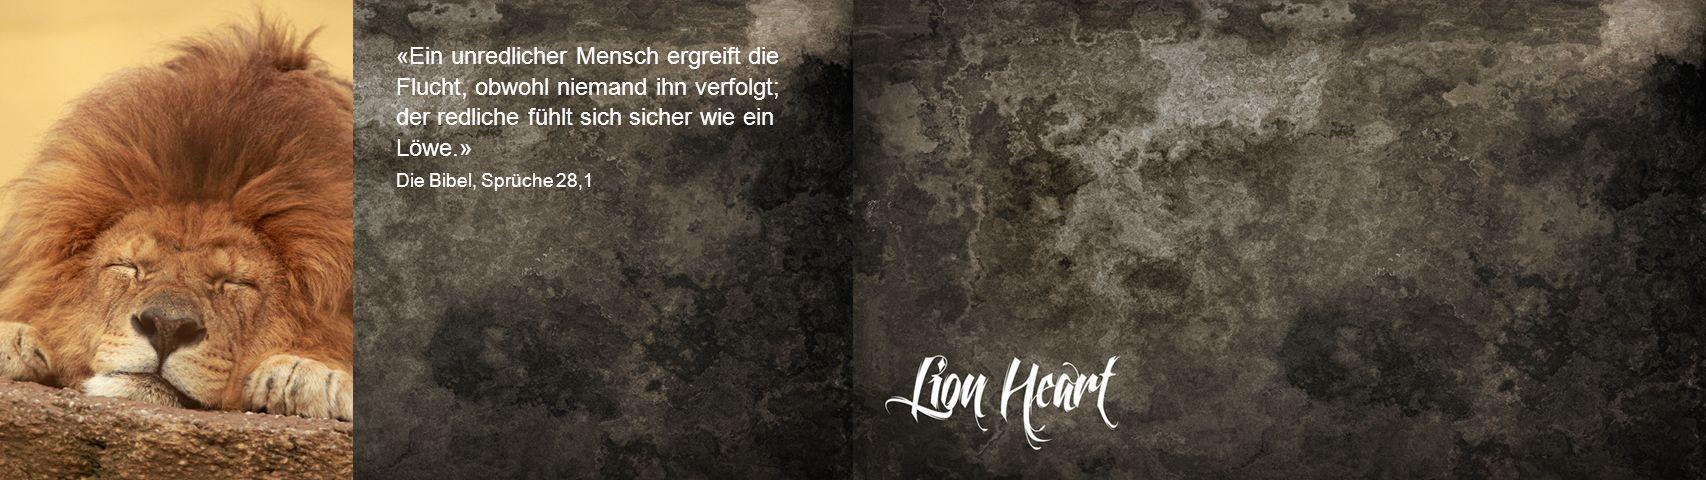 «Ein unredlicher Mensch ergreift die Flucht, obwohl niemand ihn verfolgt; der redliche fühlt sich sicher wie ein Löwe.»